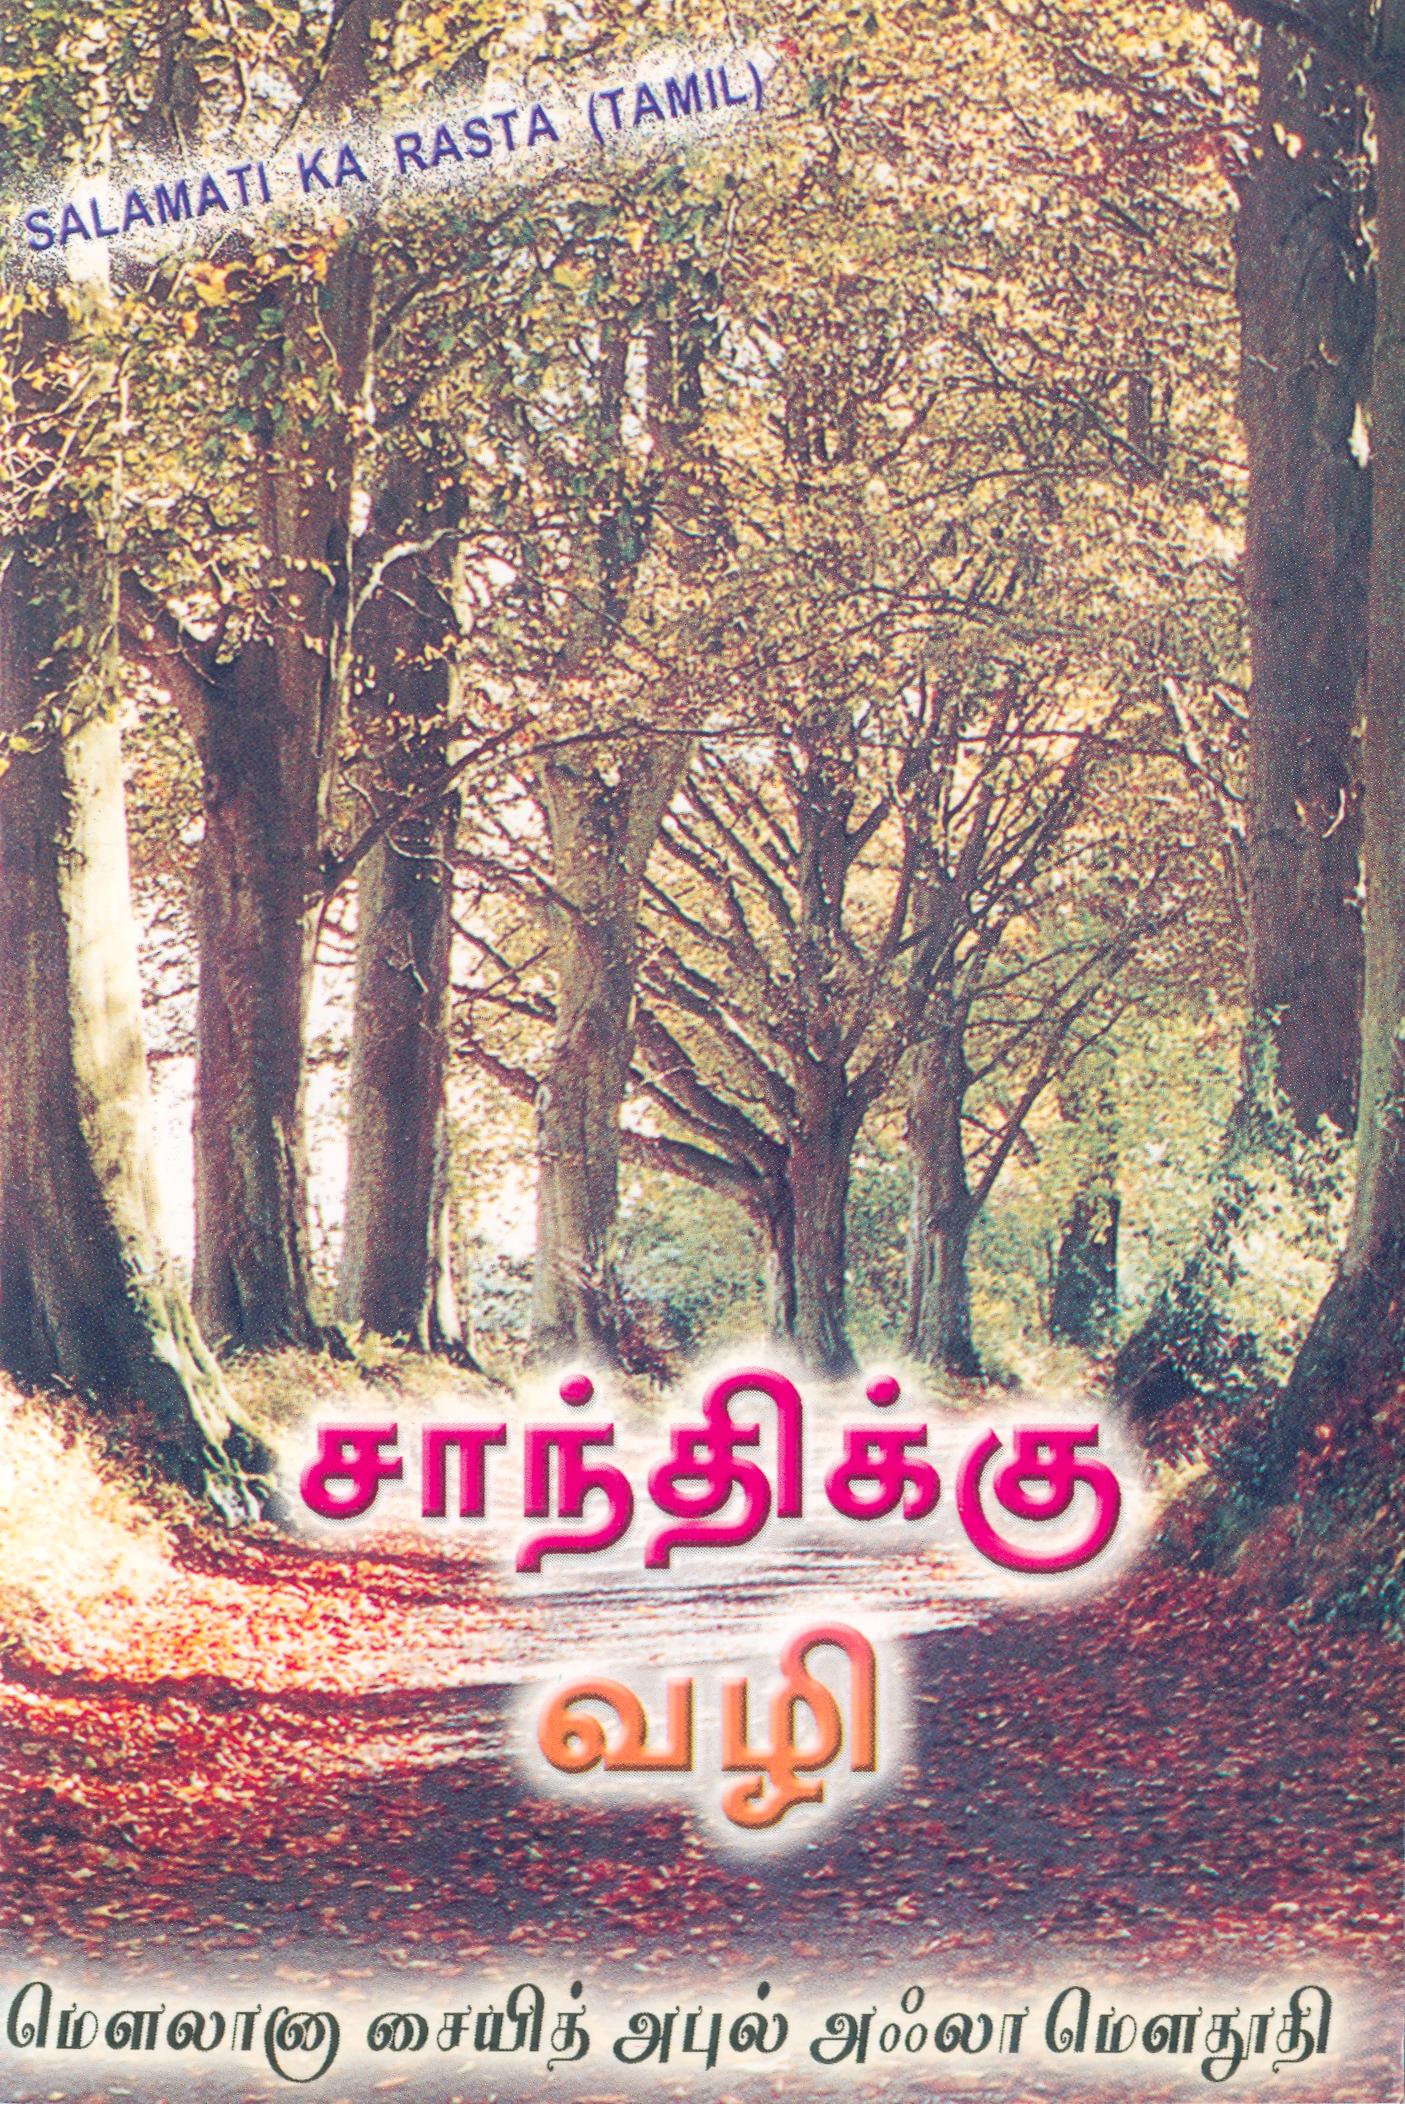 சாந்திக்கு வழி